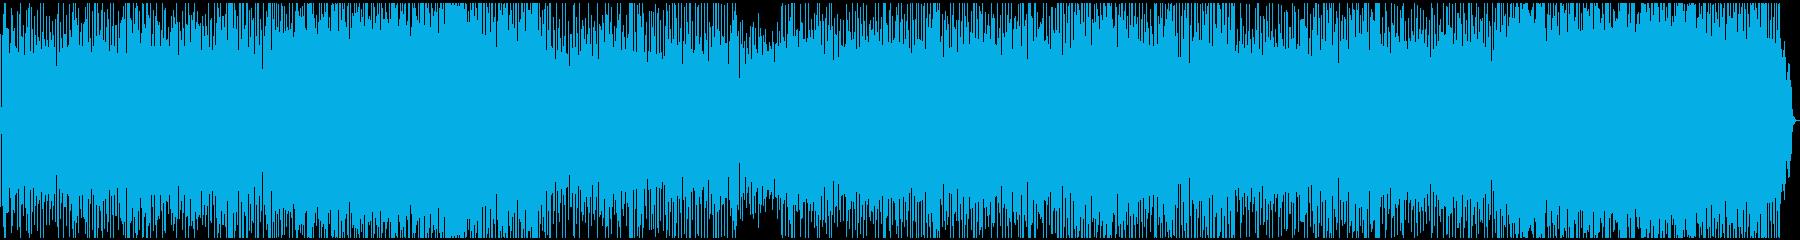 穏やかさ軽やかさの中に力強さもあるBGMの再生済みの波形